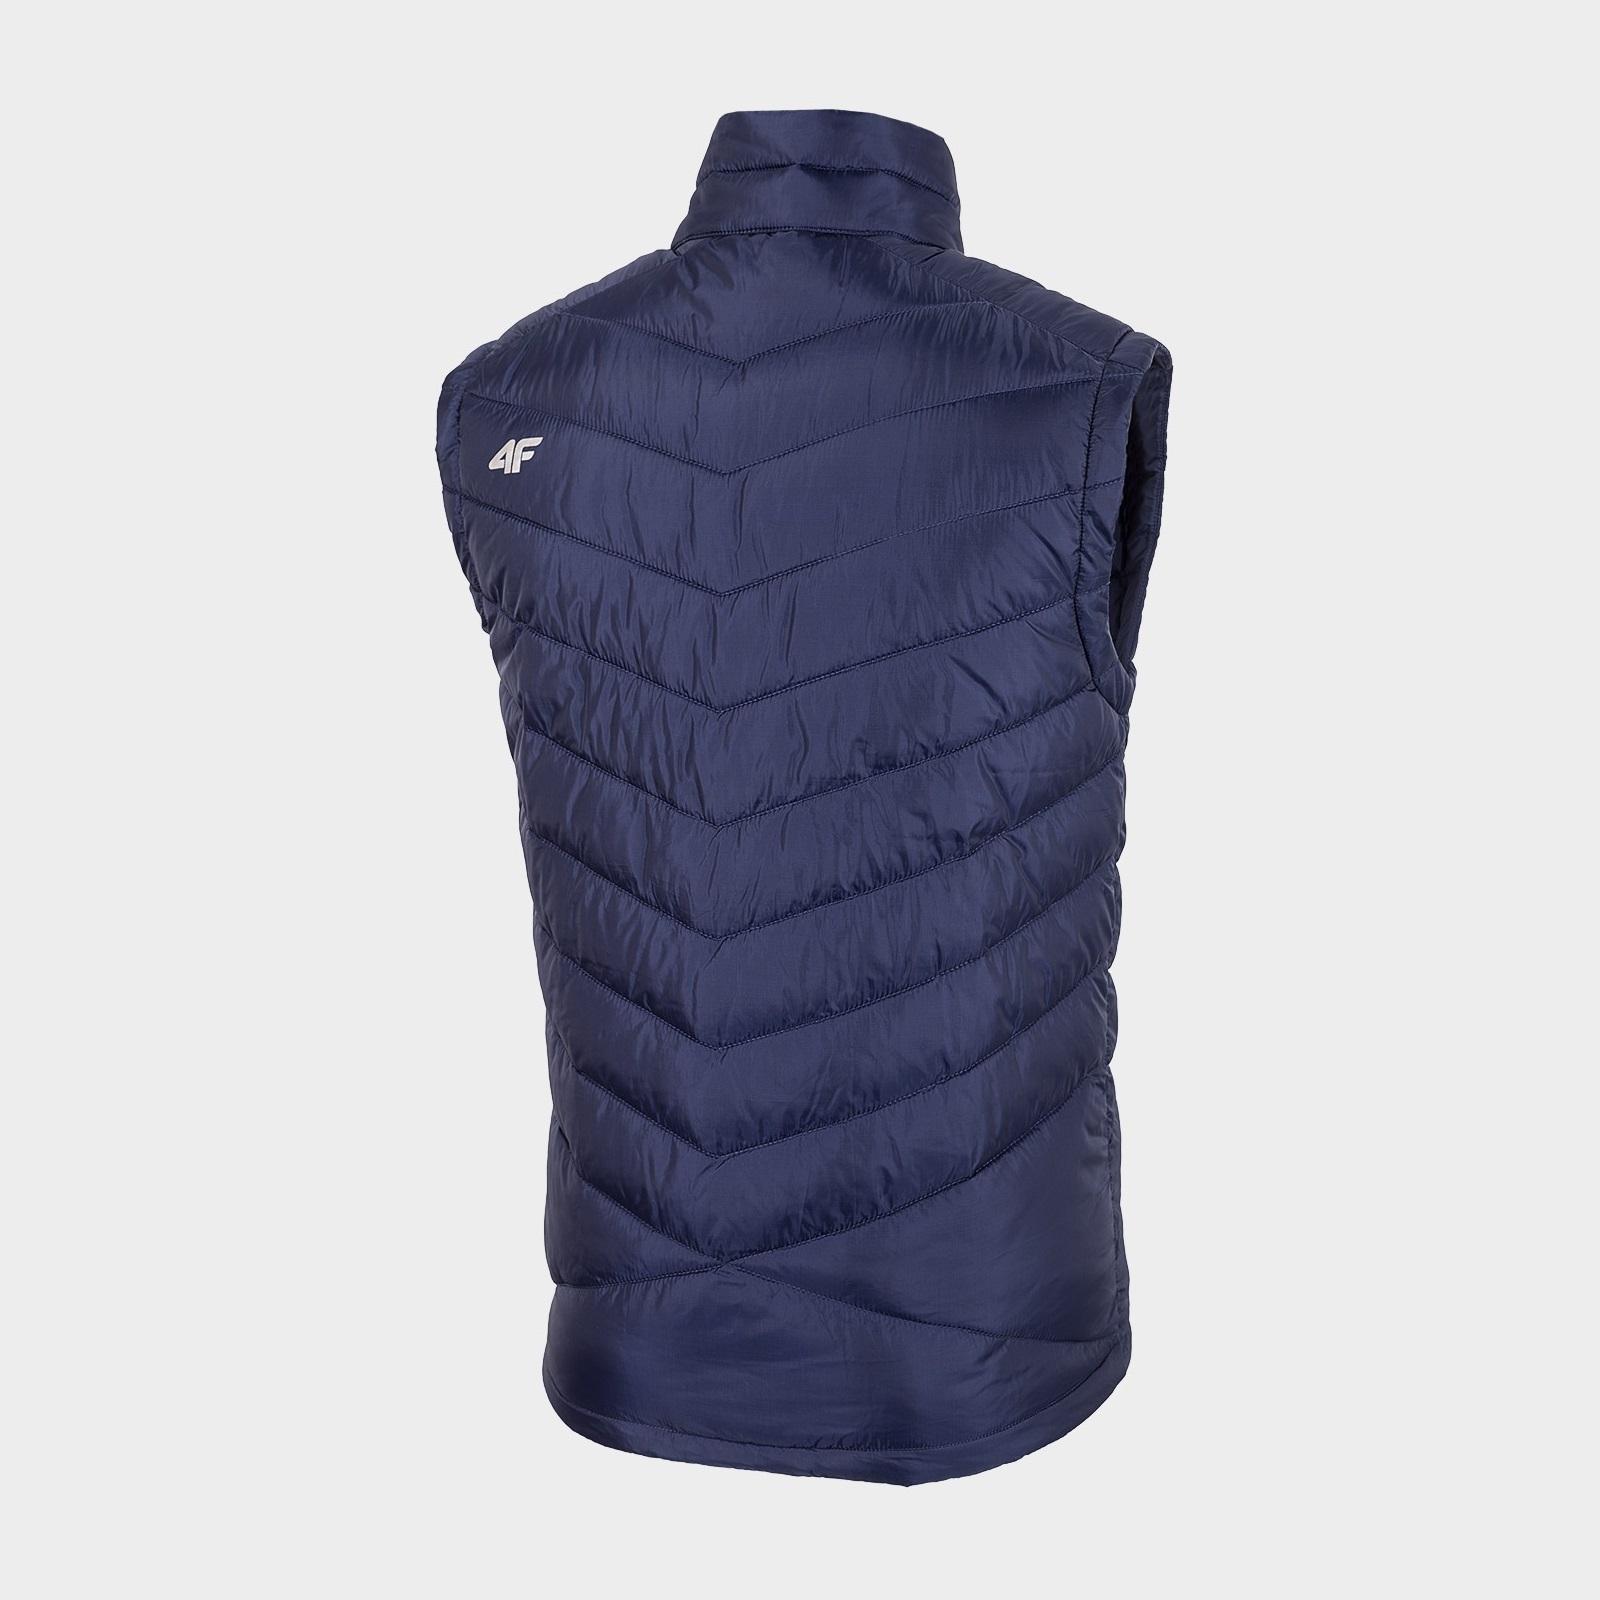 Îmbrăcăminte Iarnă -  4f Men Synthetic Down Vest KUMP001